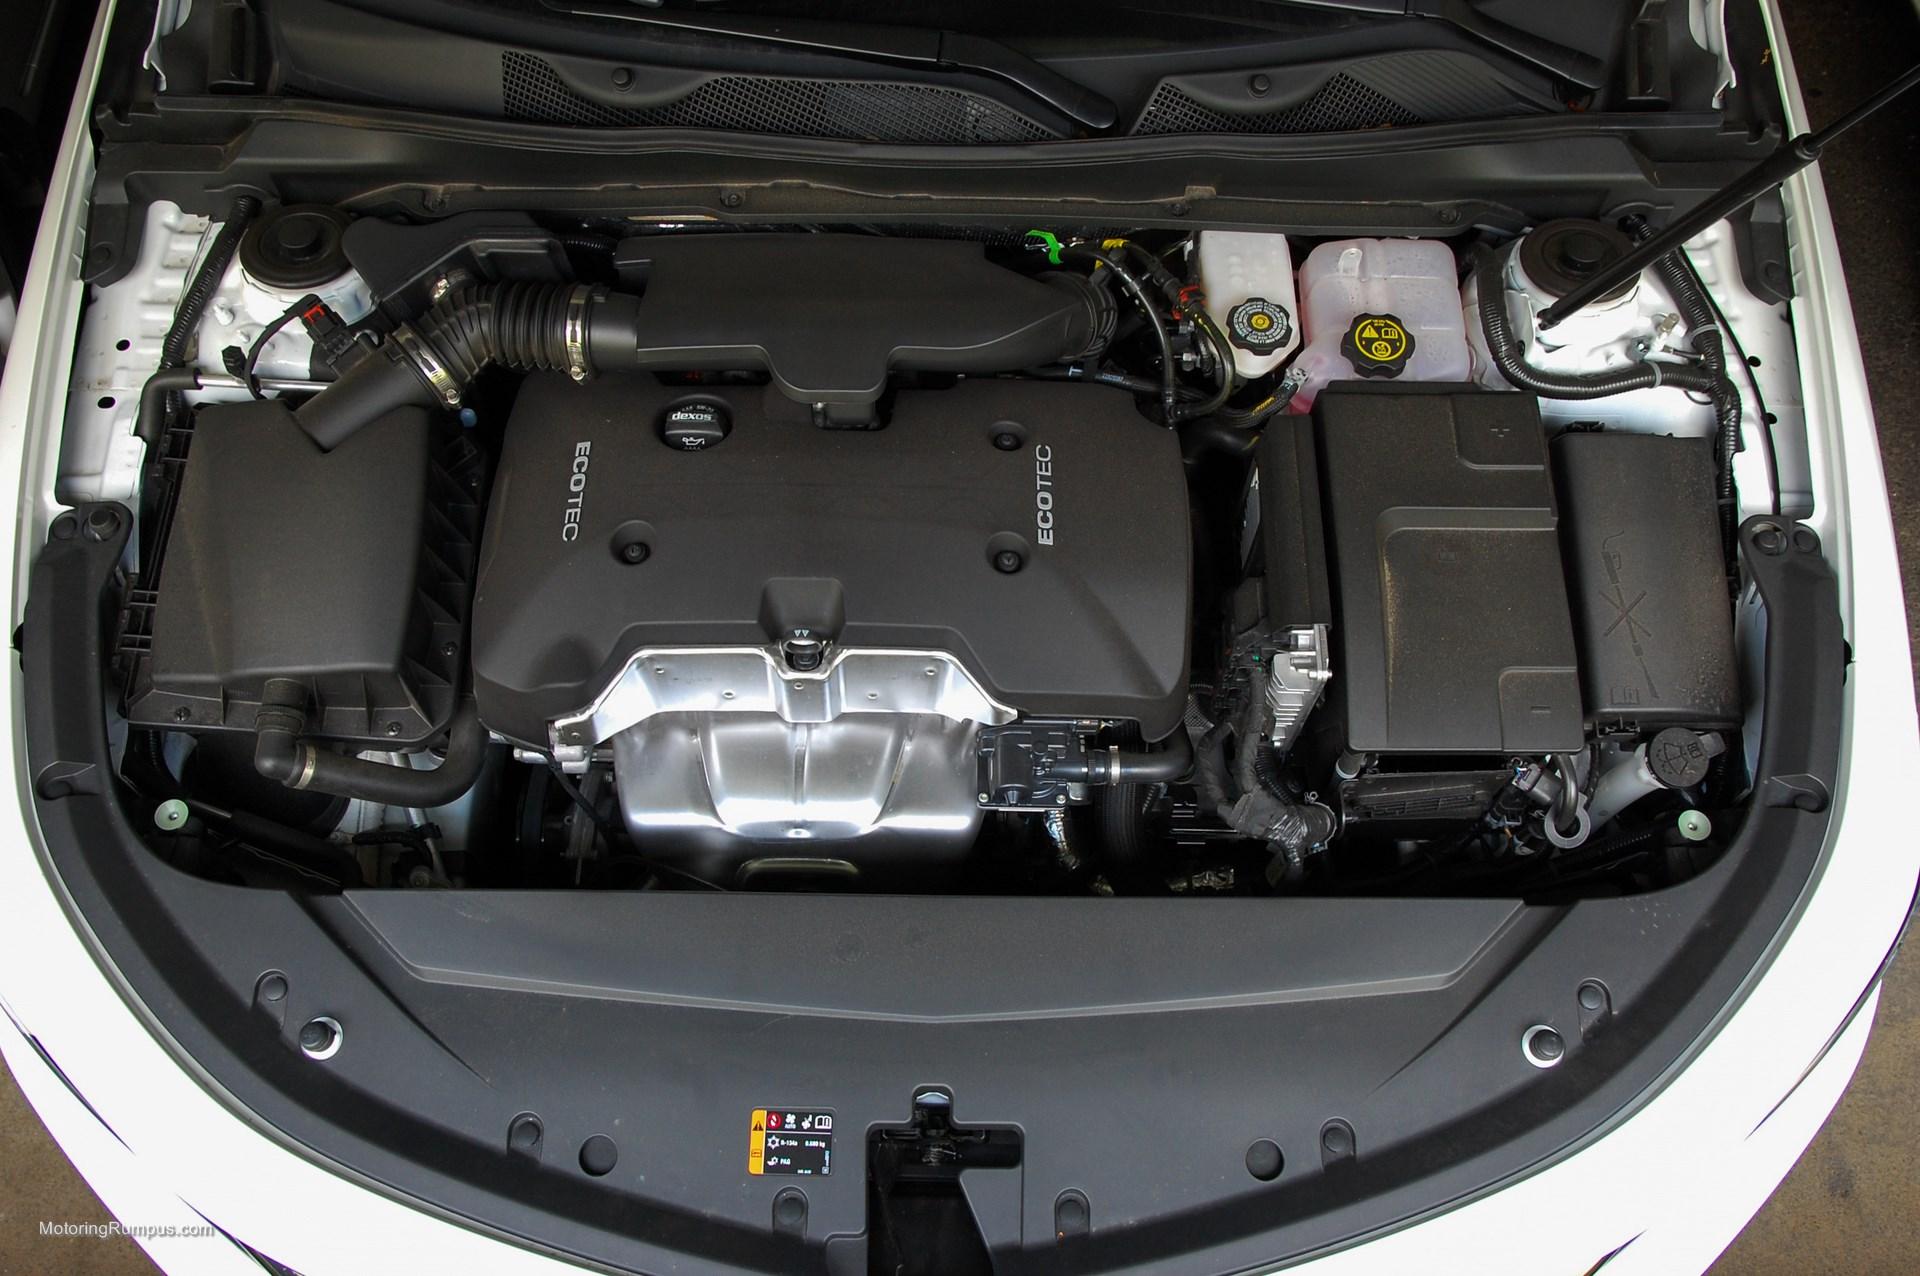 2014 Chevy Impala Ecotec 2 5l 4-cylinder Engine